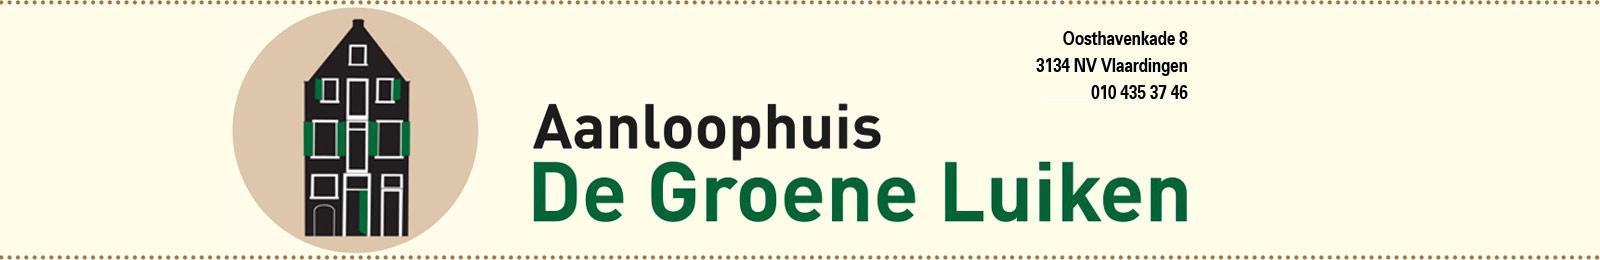 De Groene Luiken